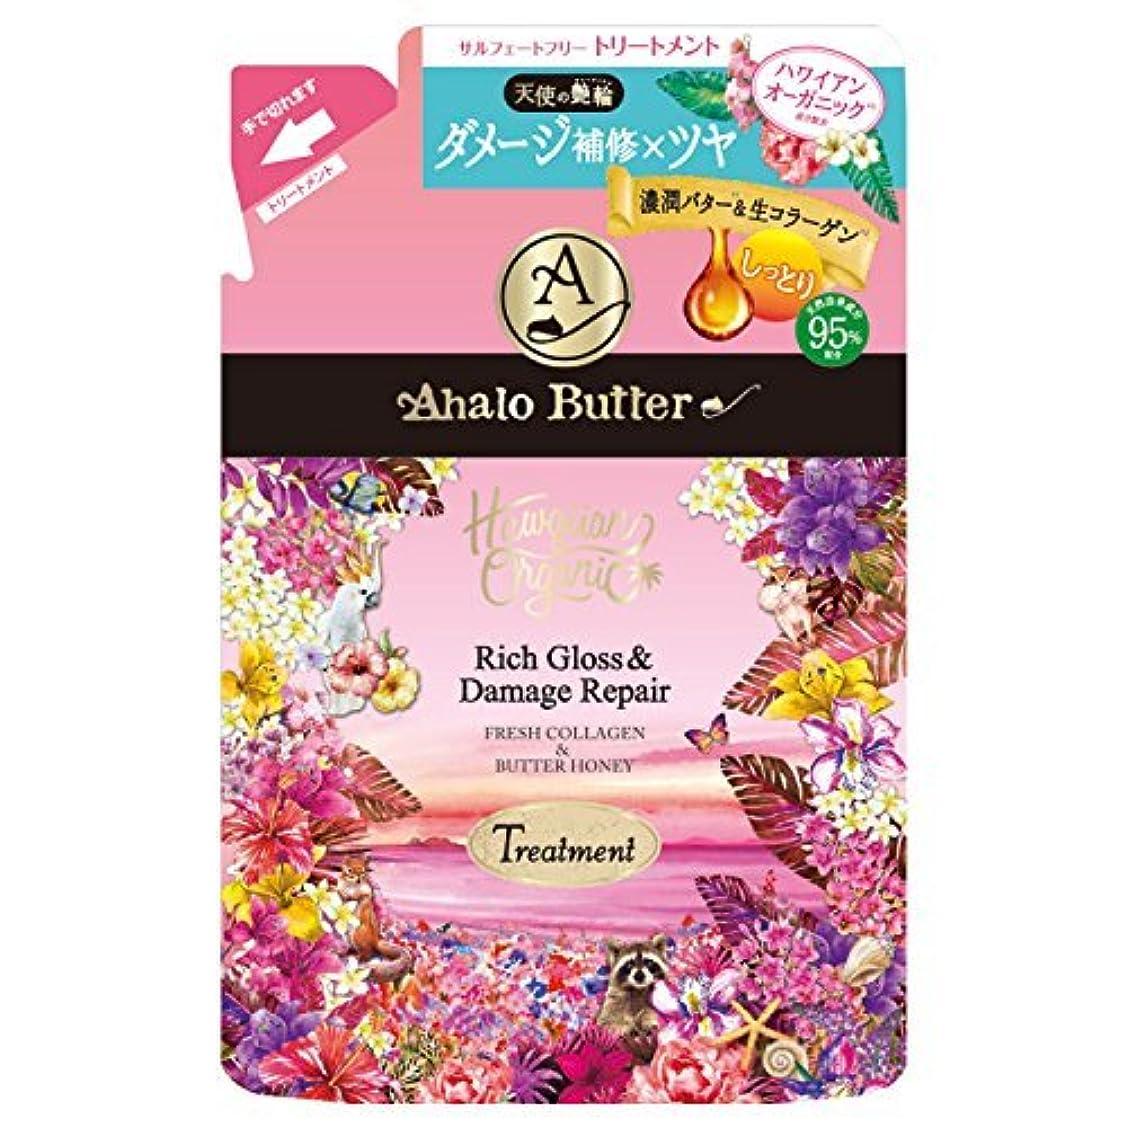 バスタブテーマ手数料Ahalo butter(アハロバター) ハワイアンオーガニック リッチグロス&ダメージリペアトリートメント / 詰め替え / 400ml